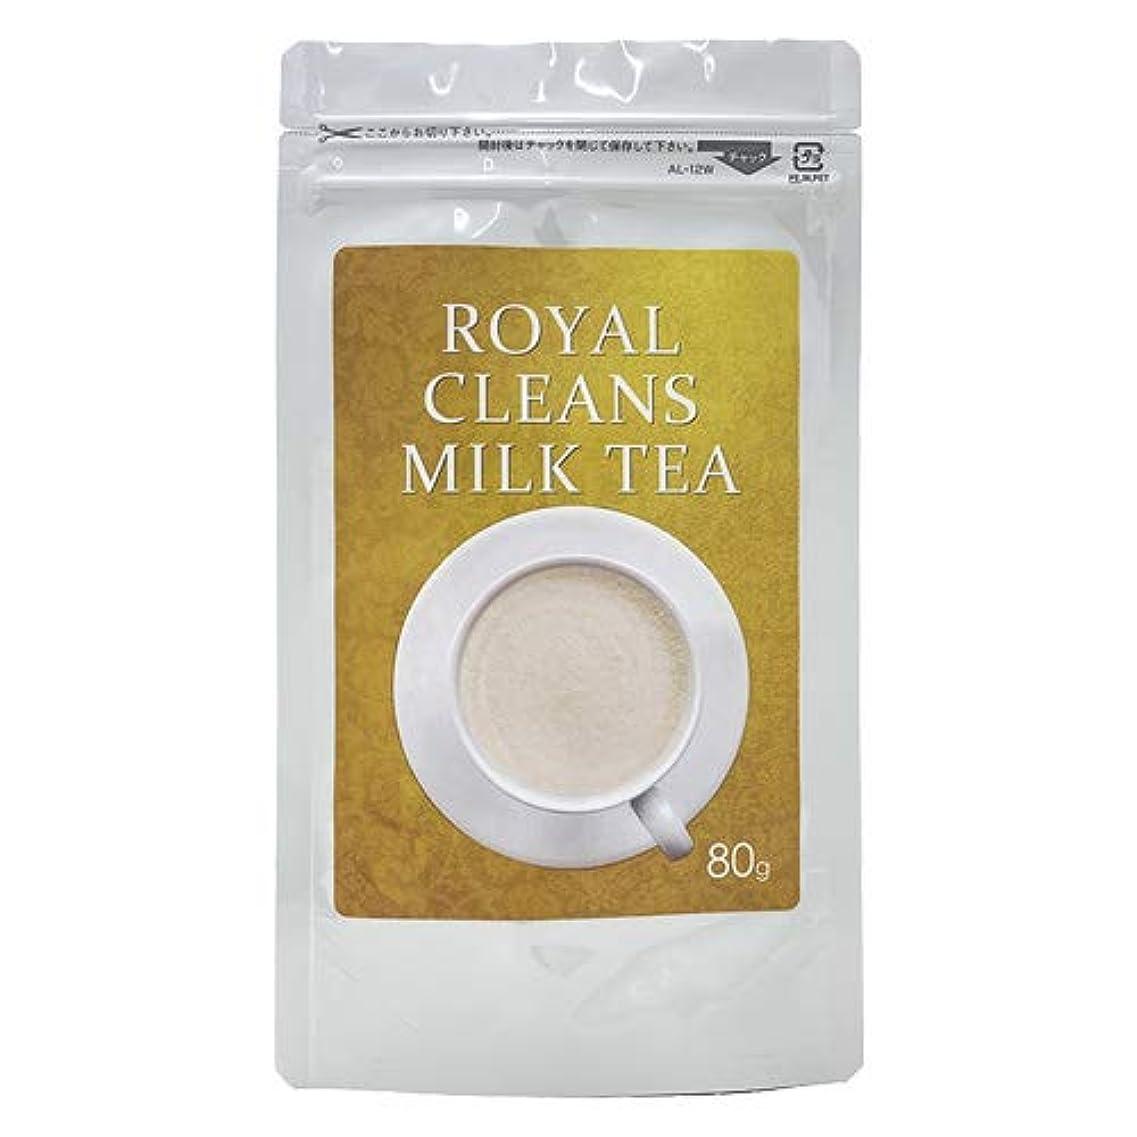 傷つきやすい国支払いロイヤルクレンズミルクティー/Royal cleans milk tea 80g